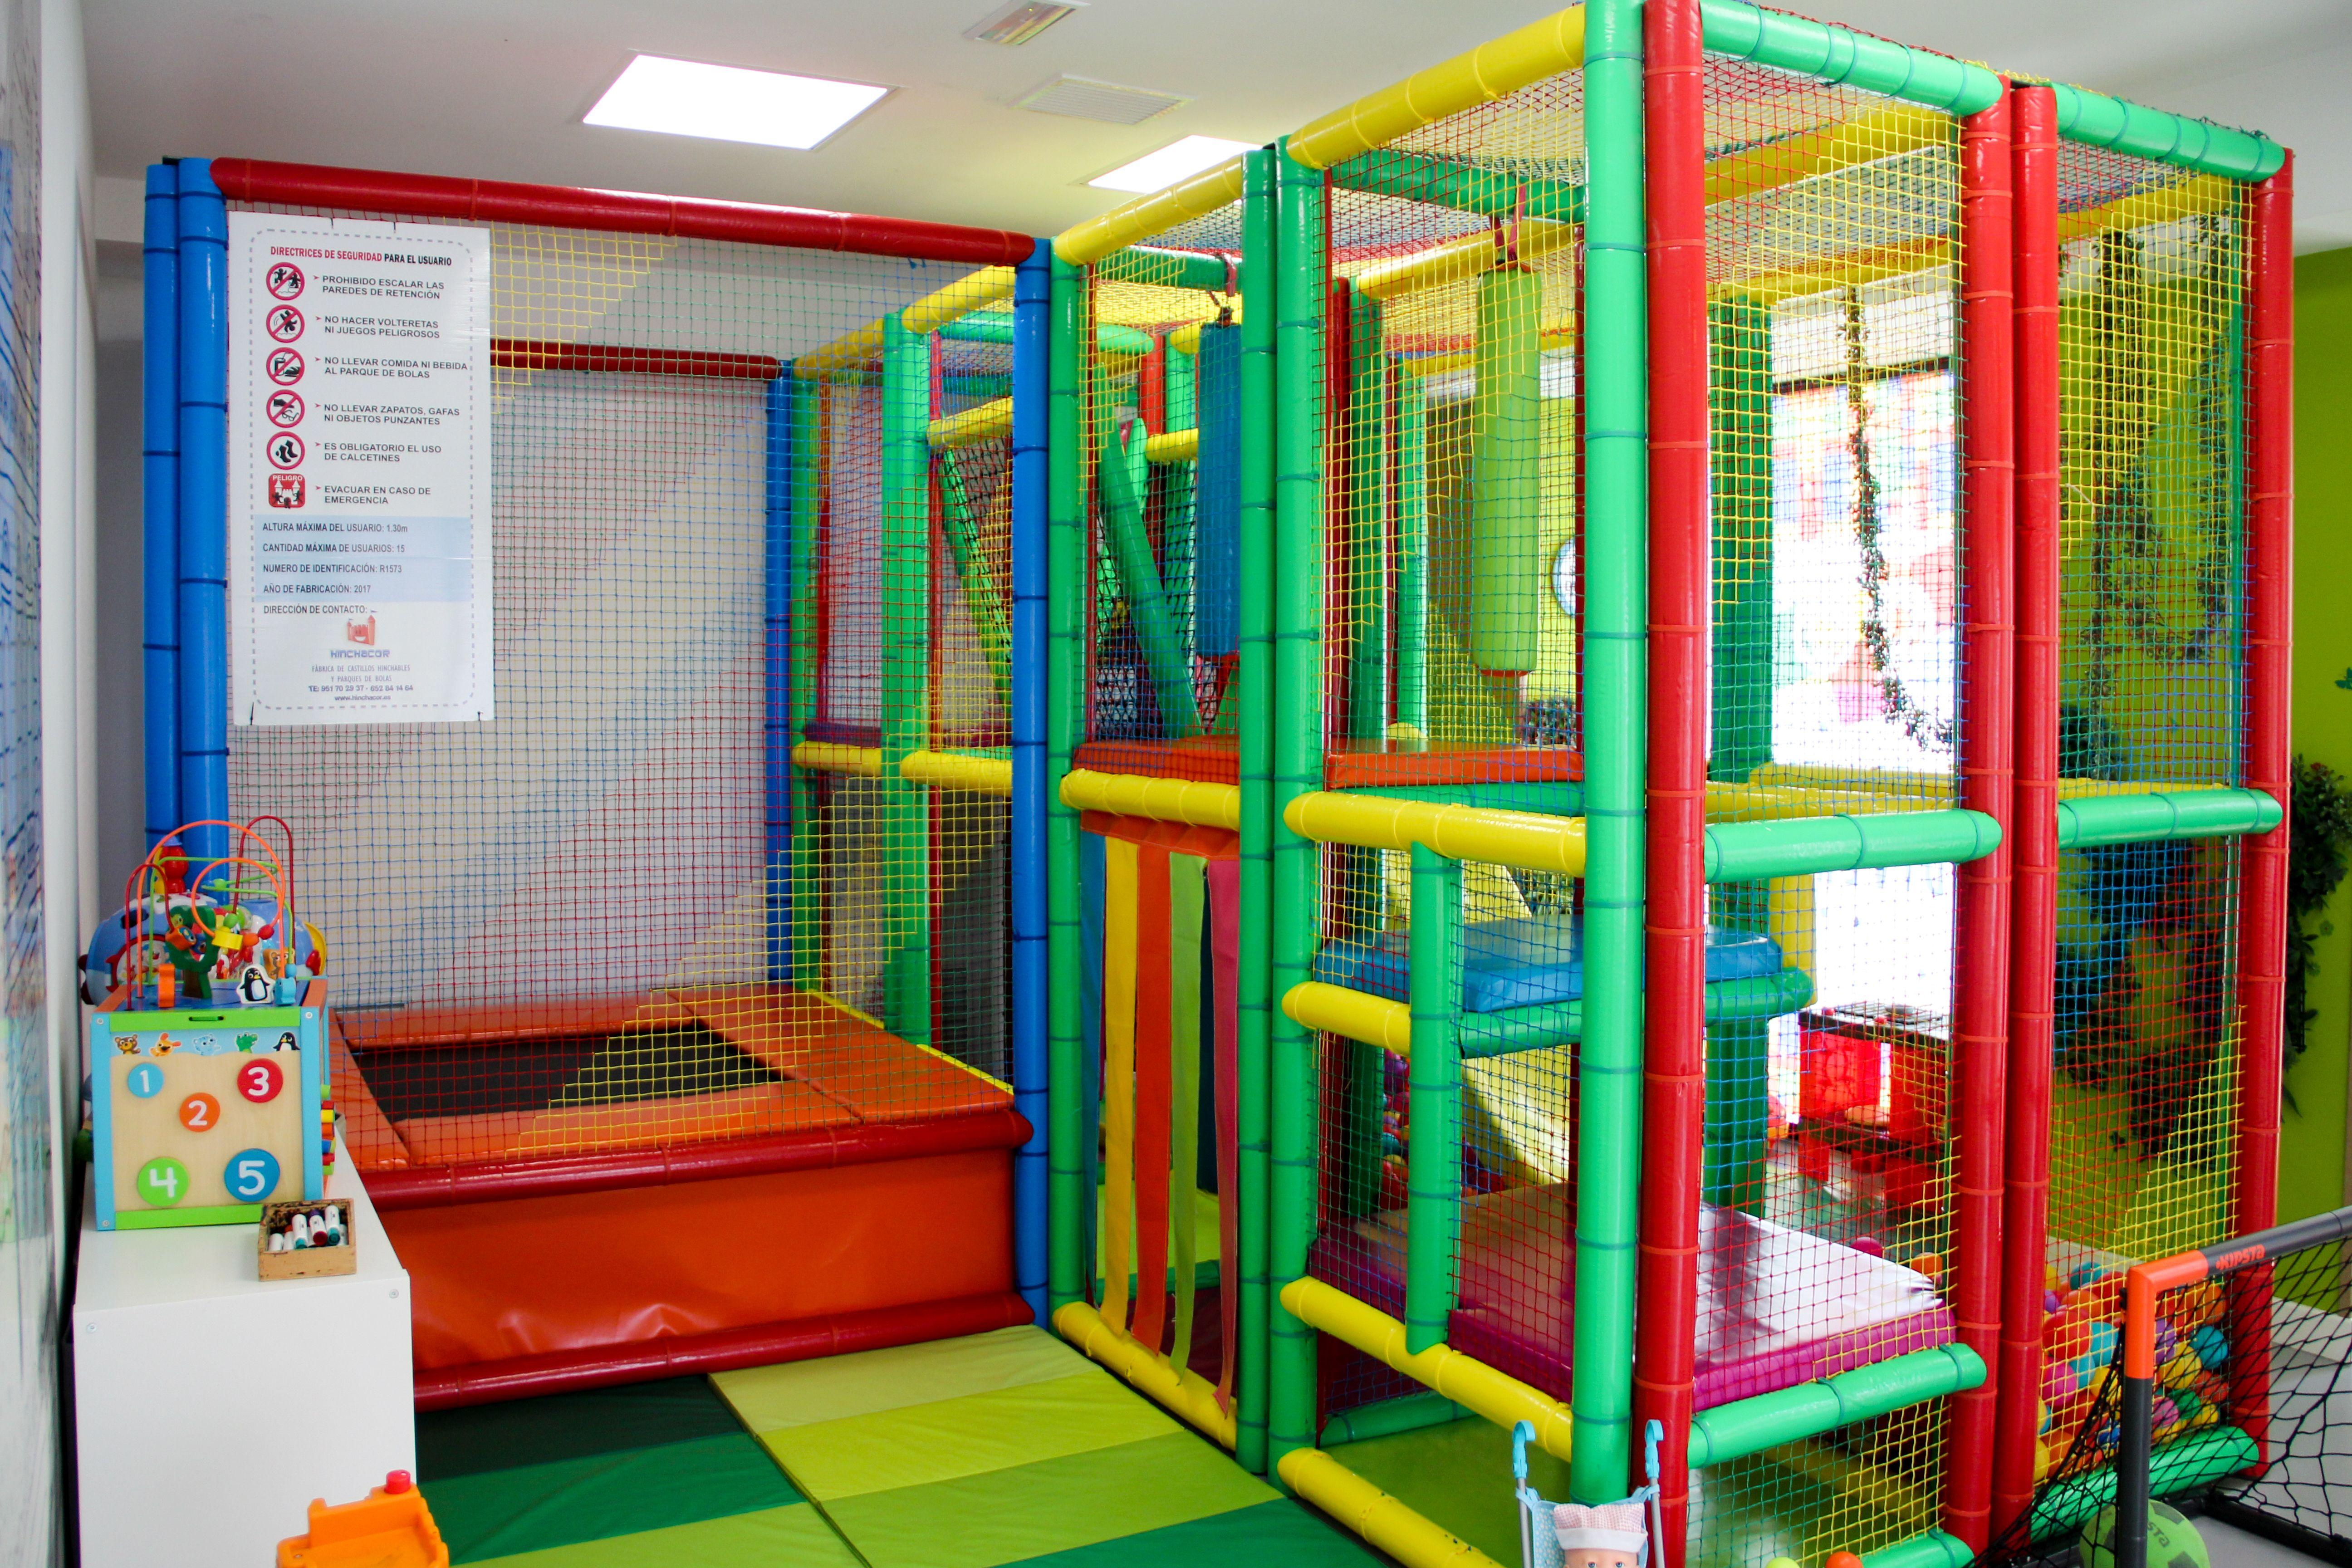 Contamos con una amplia zona de juegos para niños